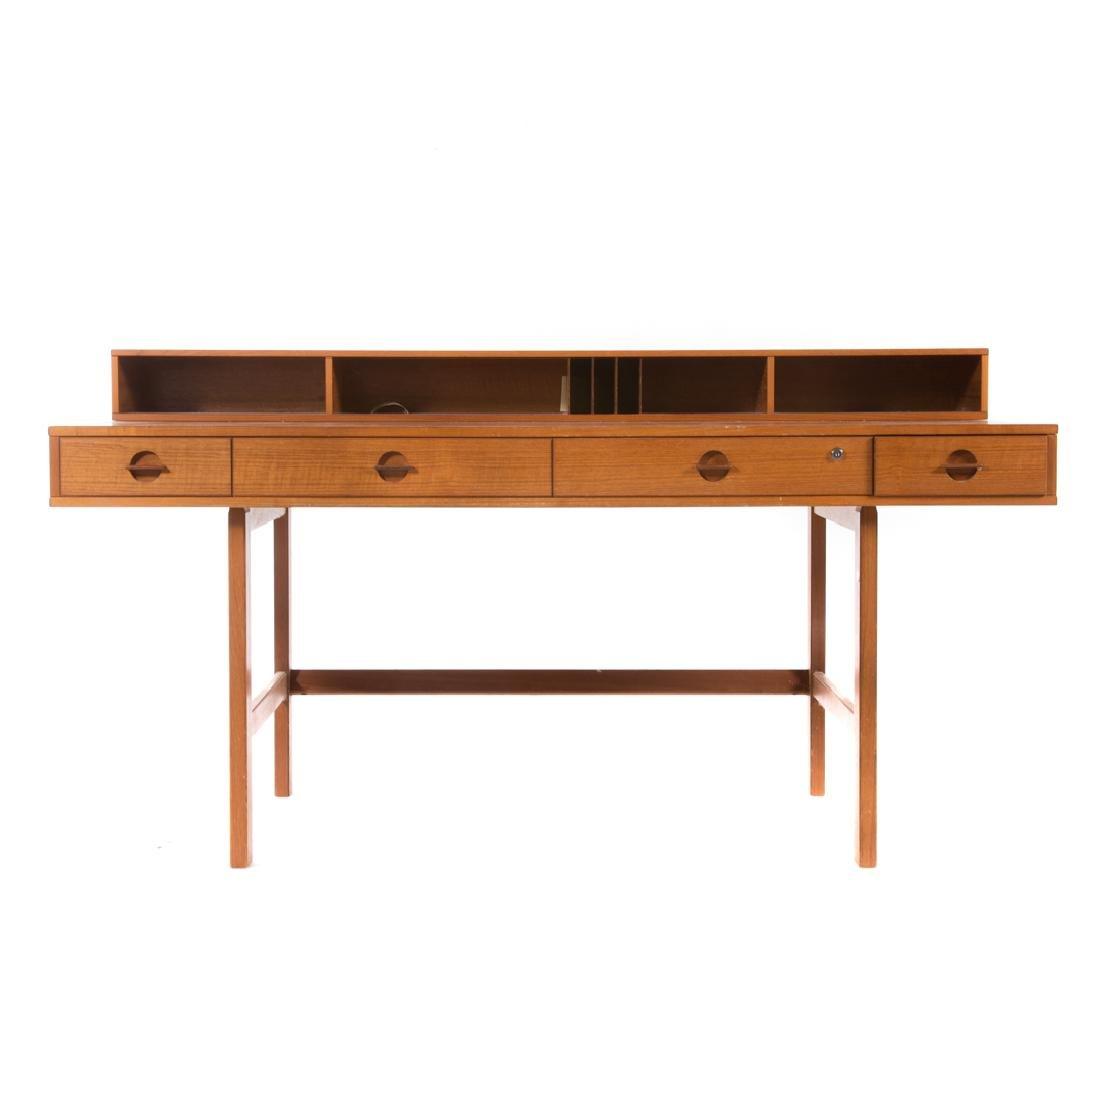 Peter Løvig Nielsen flip-top teakwood desk